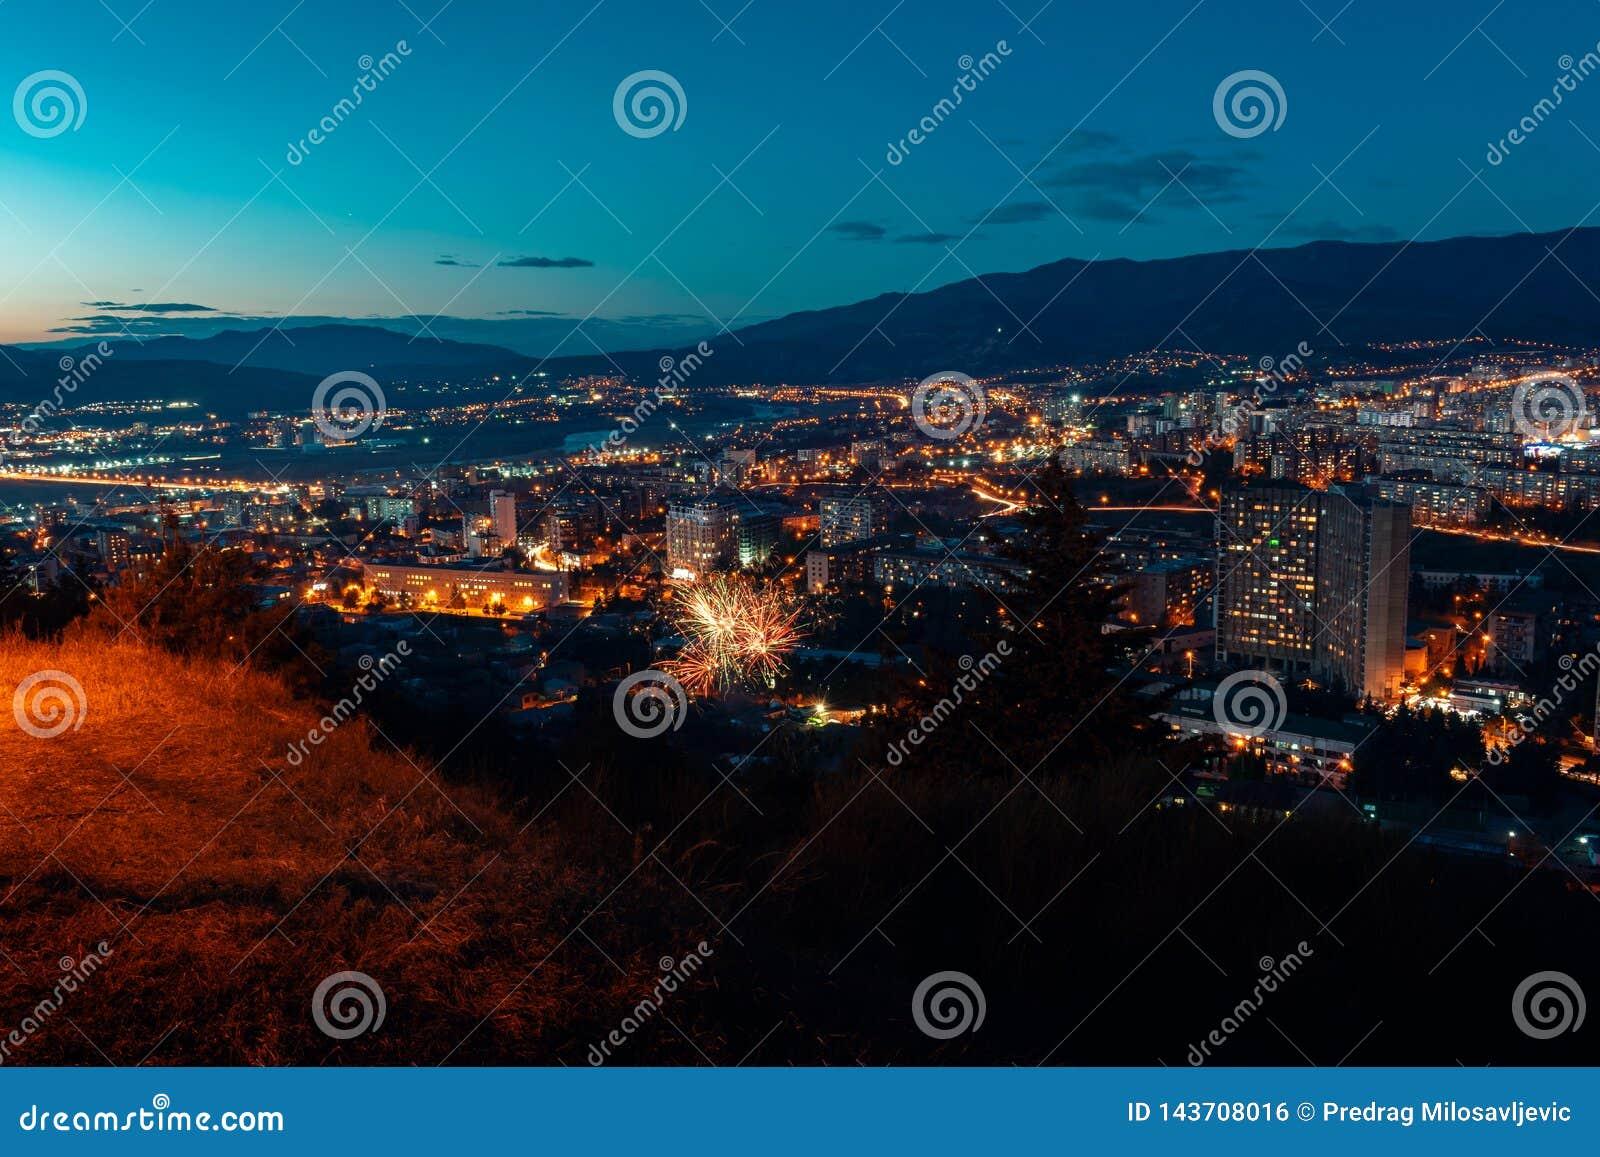 Vista aérea, opinião da arquitetura da cidade da noite com céu noturno visão clara natural com os fogos de artifício sobre blocos